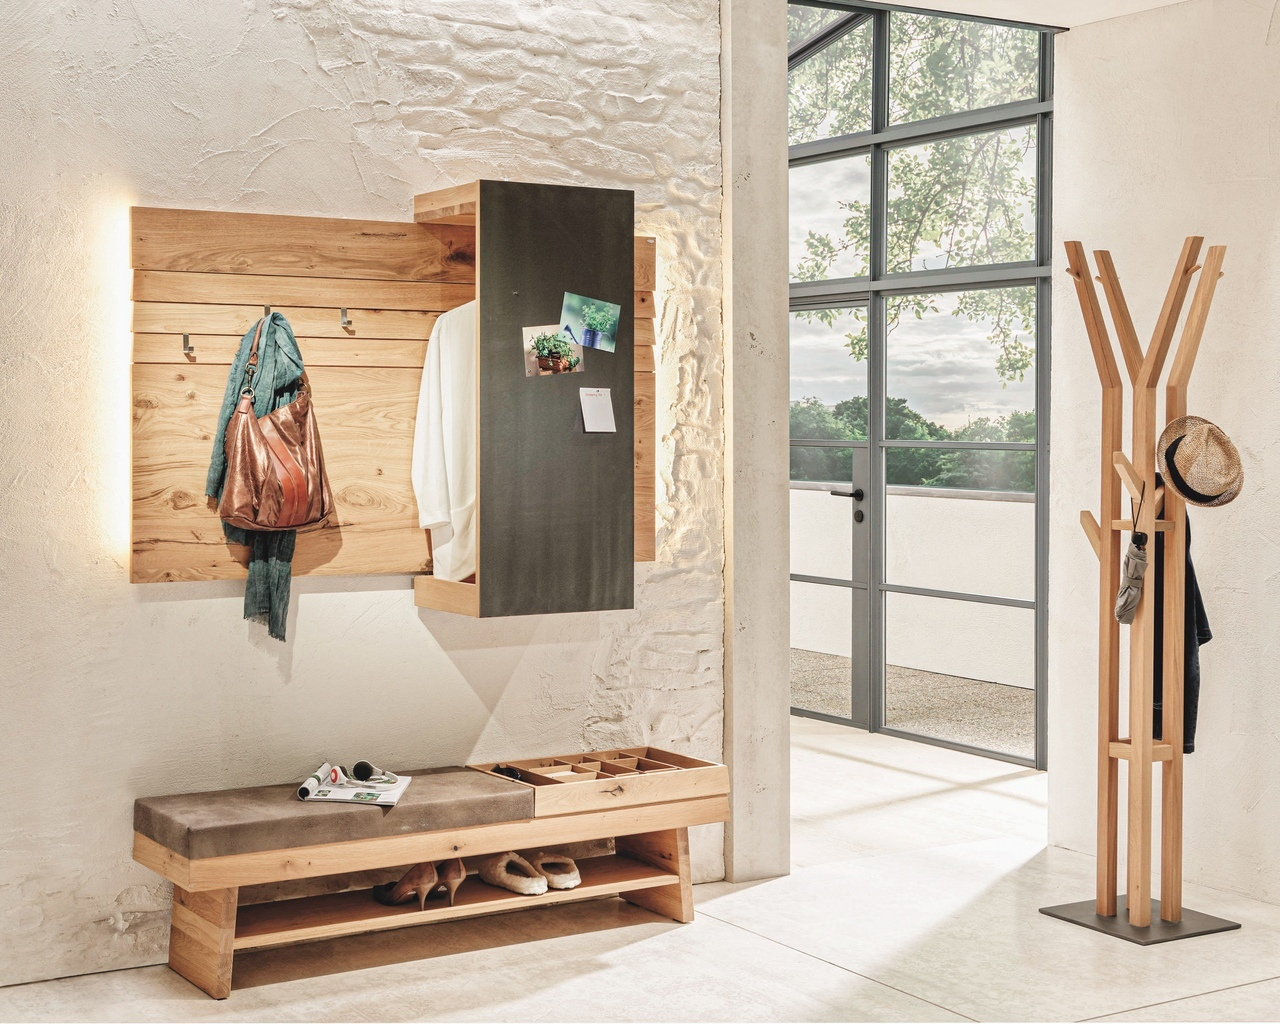 Стильная прихожая от австрийского мебельного бренда Voglauer